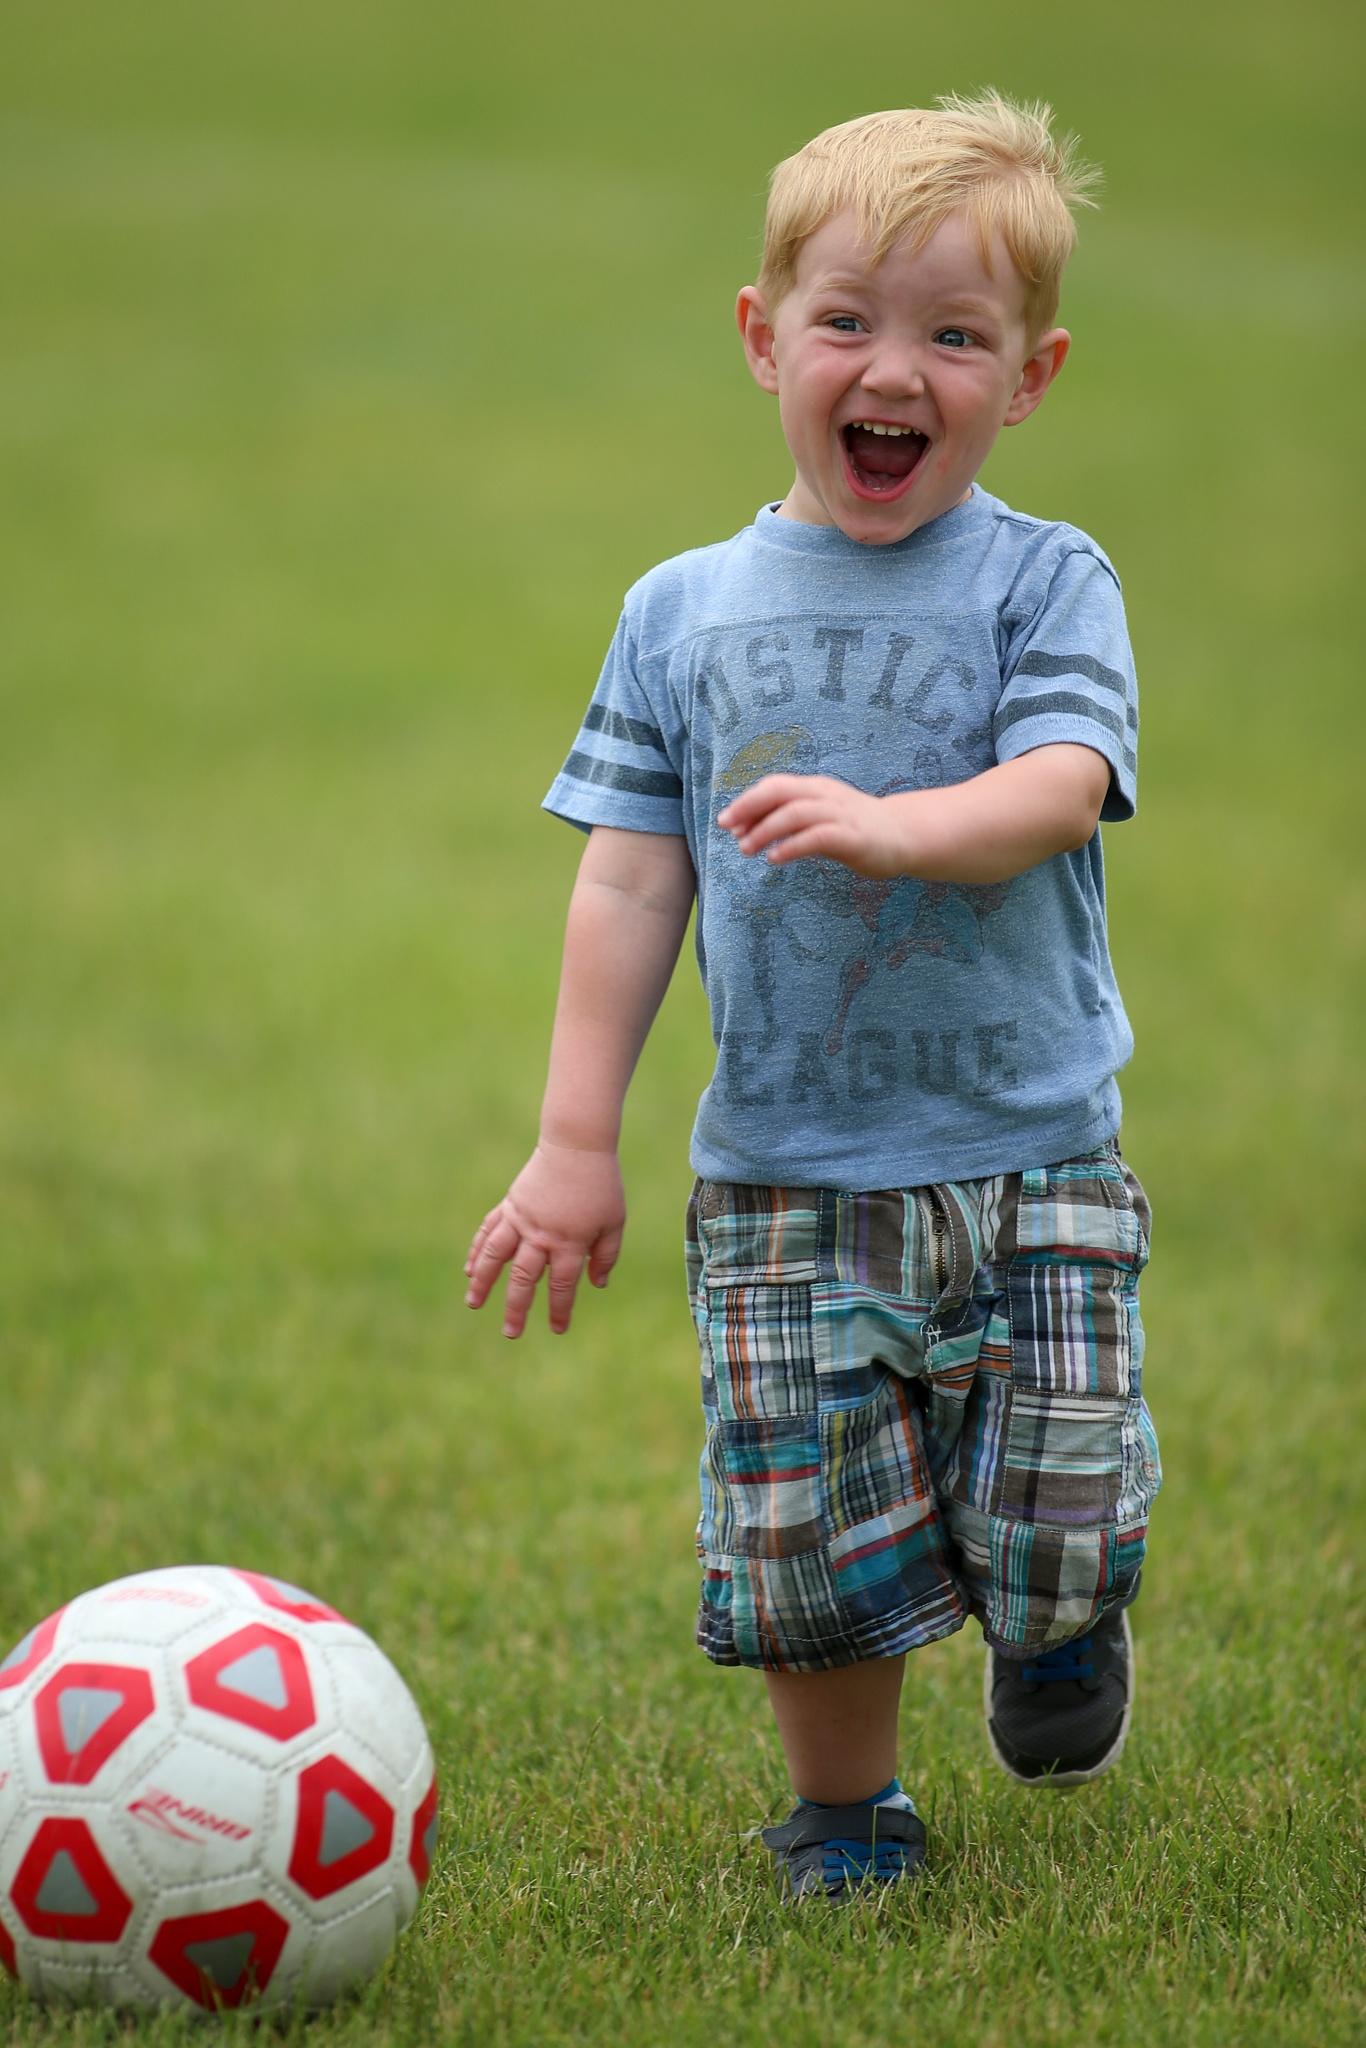 soccer boy by dboquist